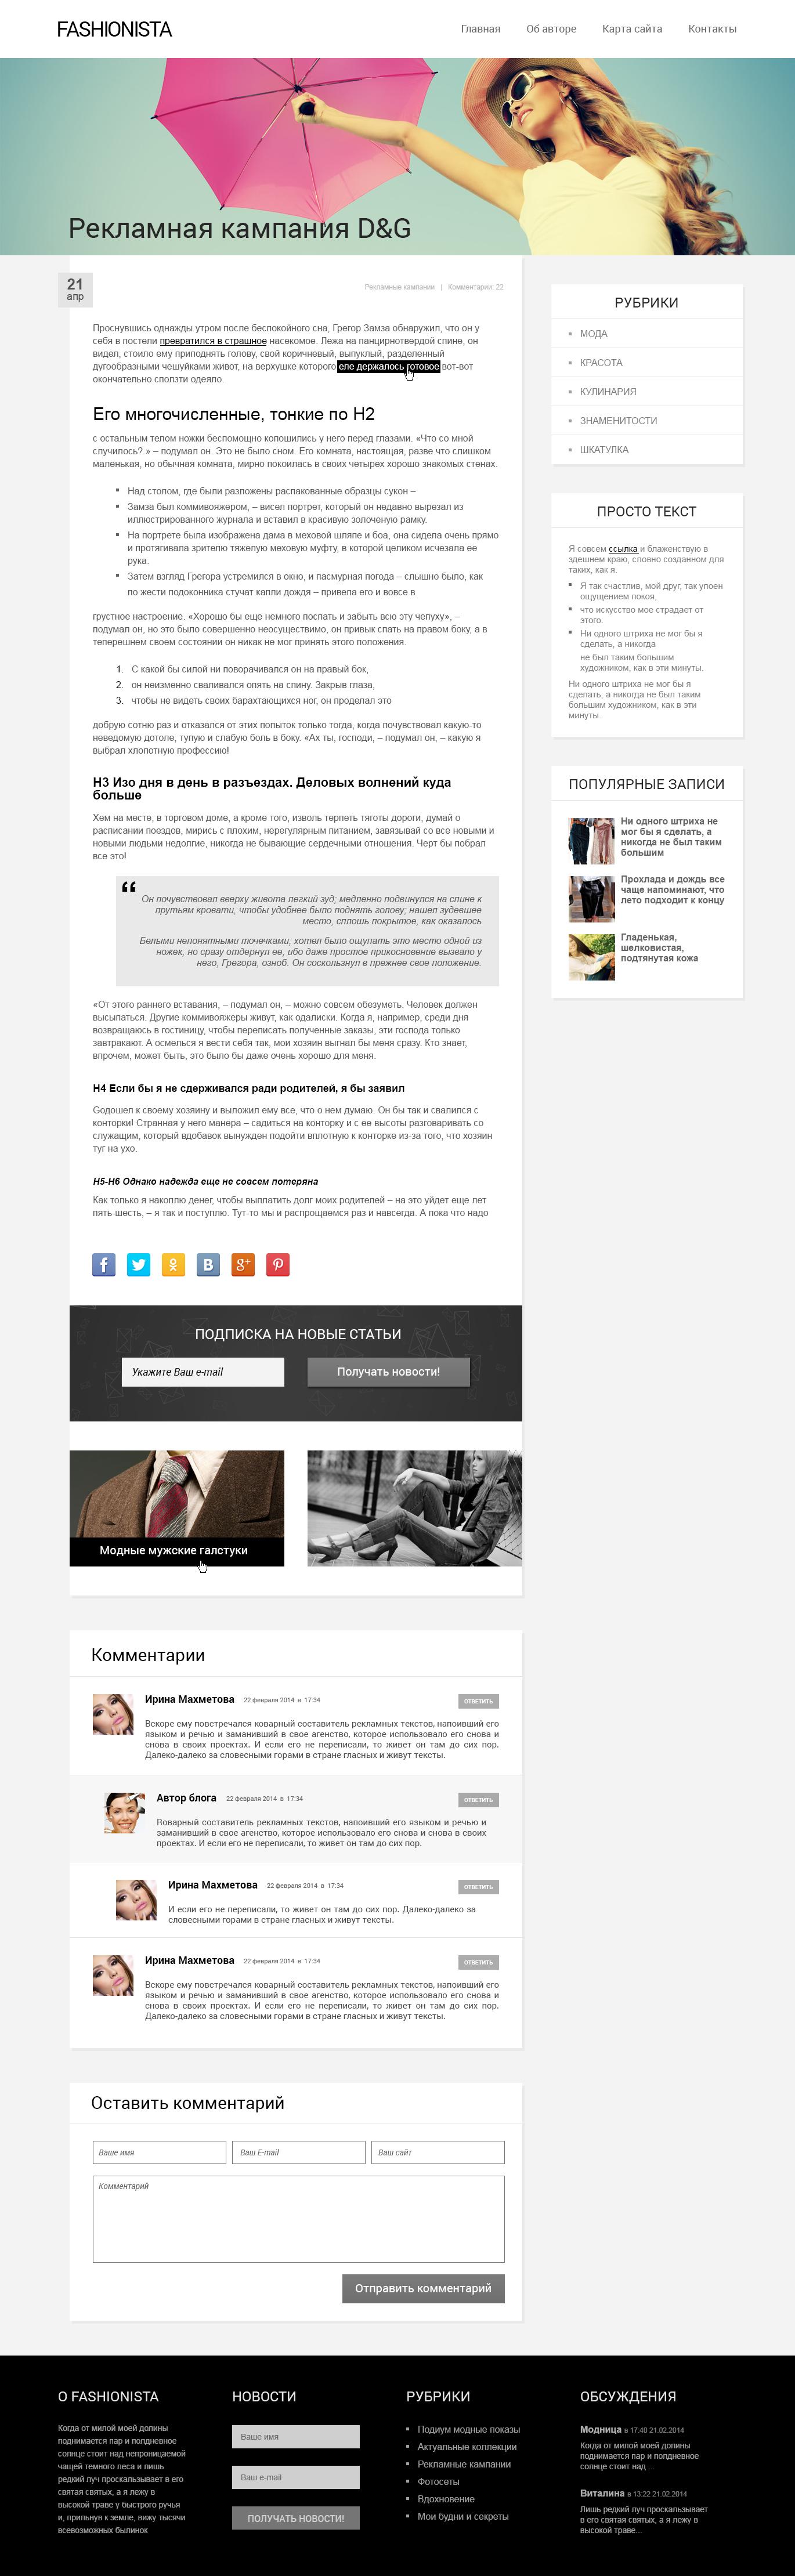 Внутренняя страница со стандартным форматированием